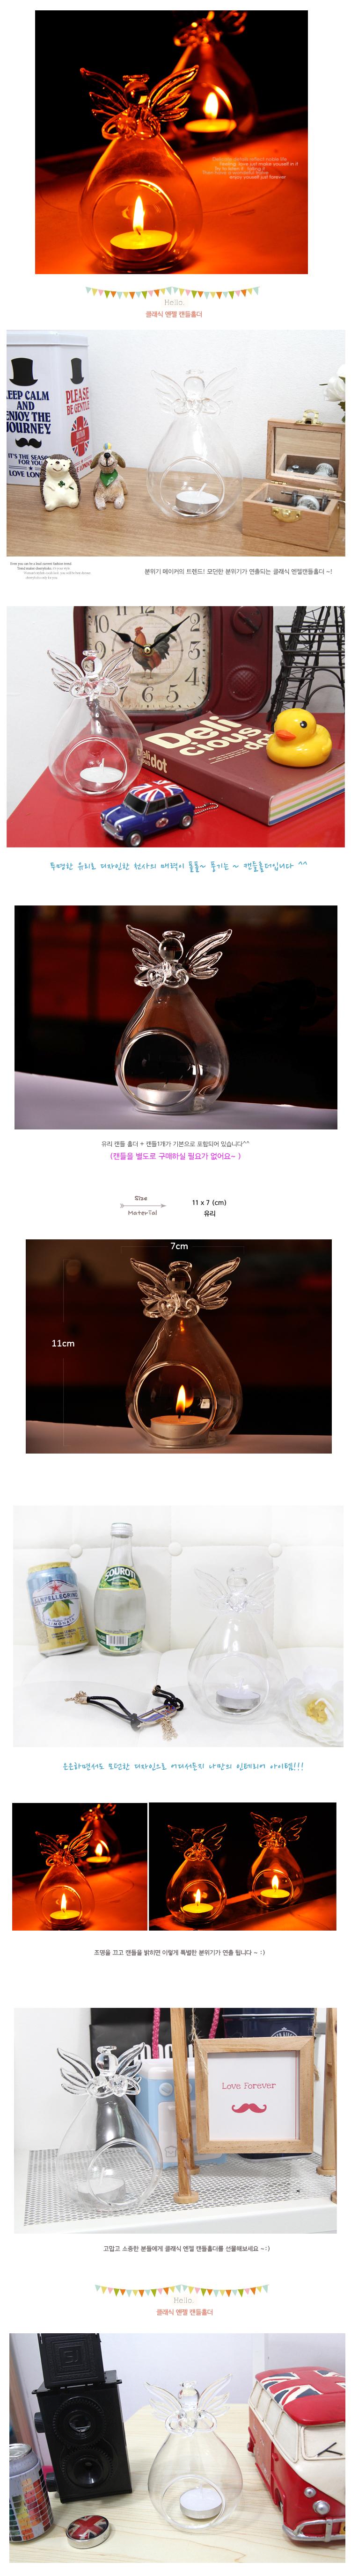 클래식엔젤캔들홀더 - 미스터고물상, 4,950원, 캔들, 캔들홀더/소품